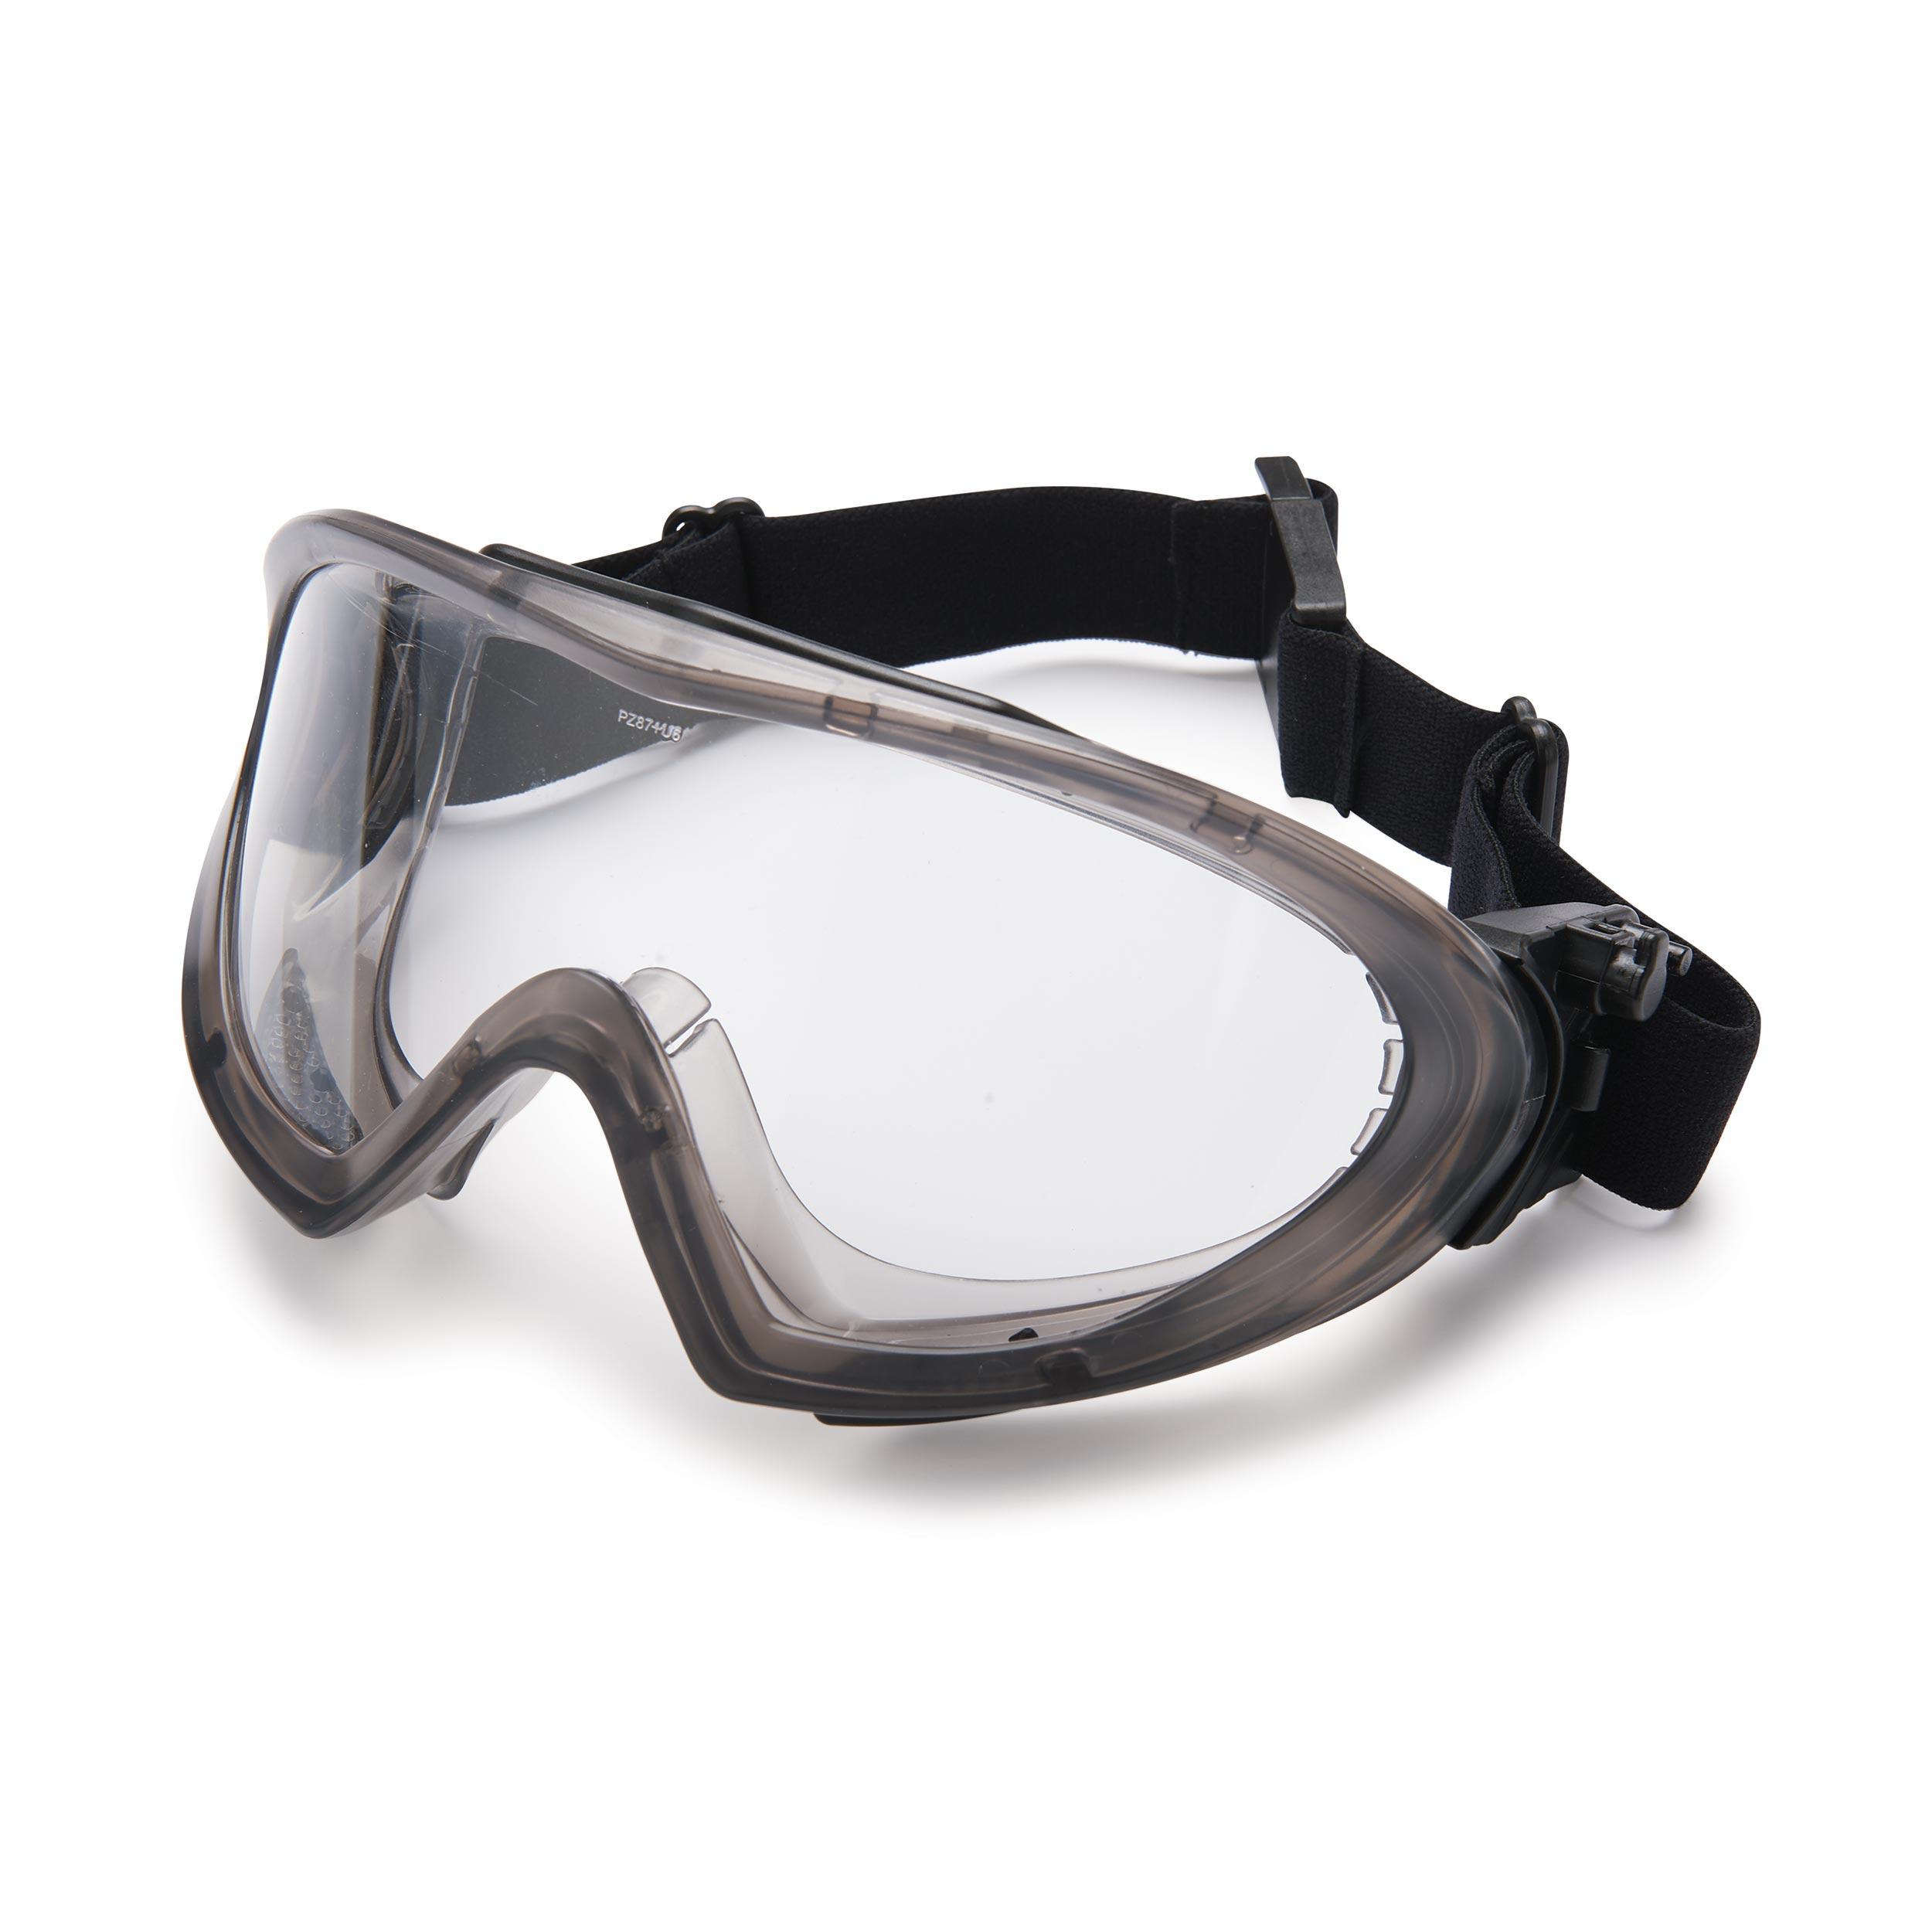 Capstone 500 Goggle